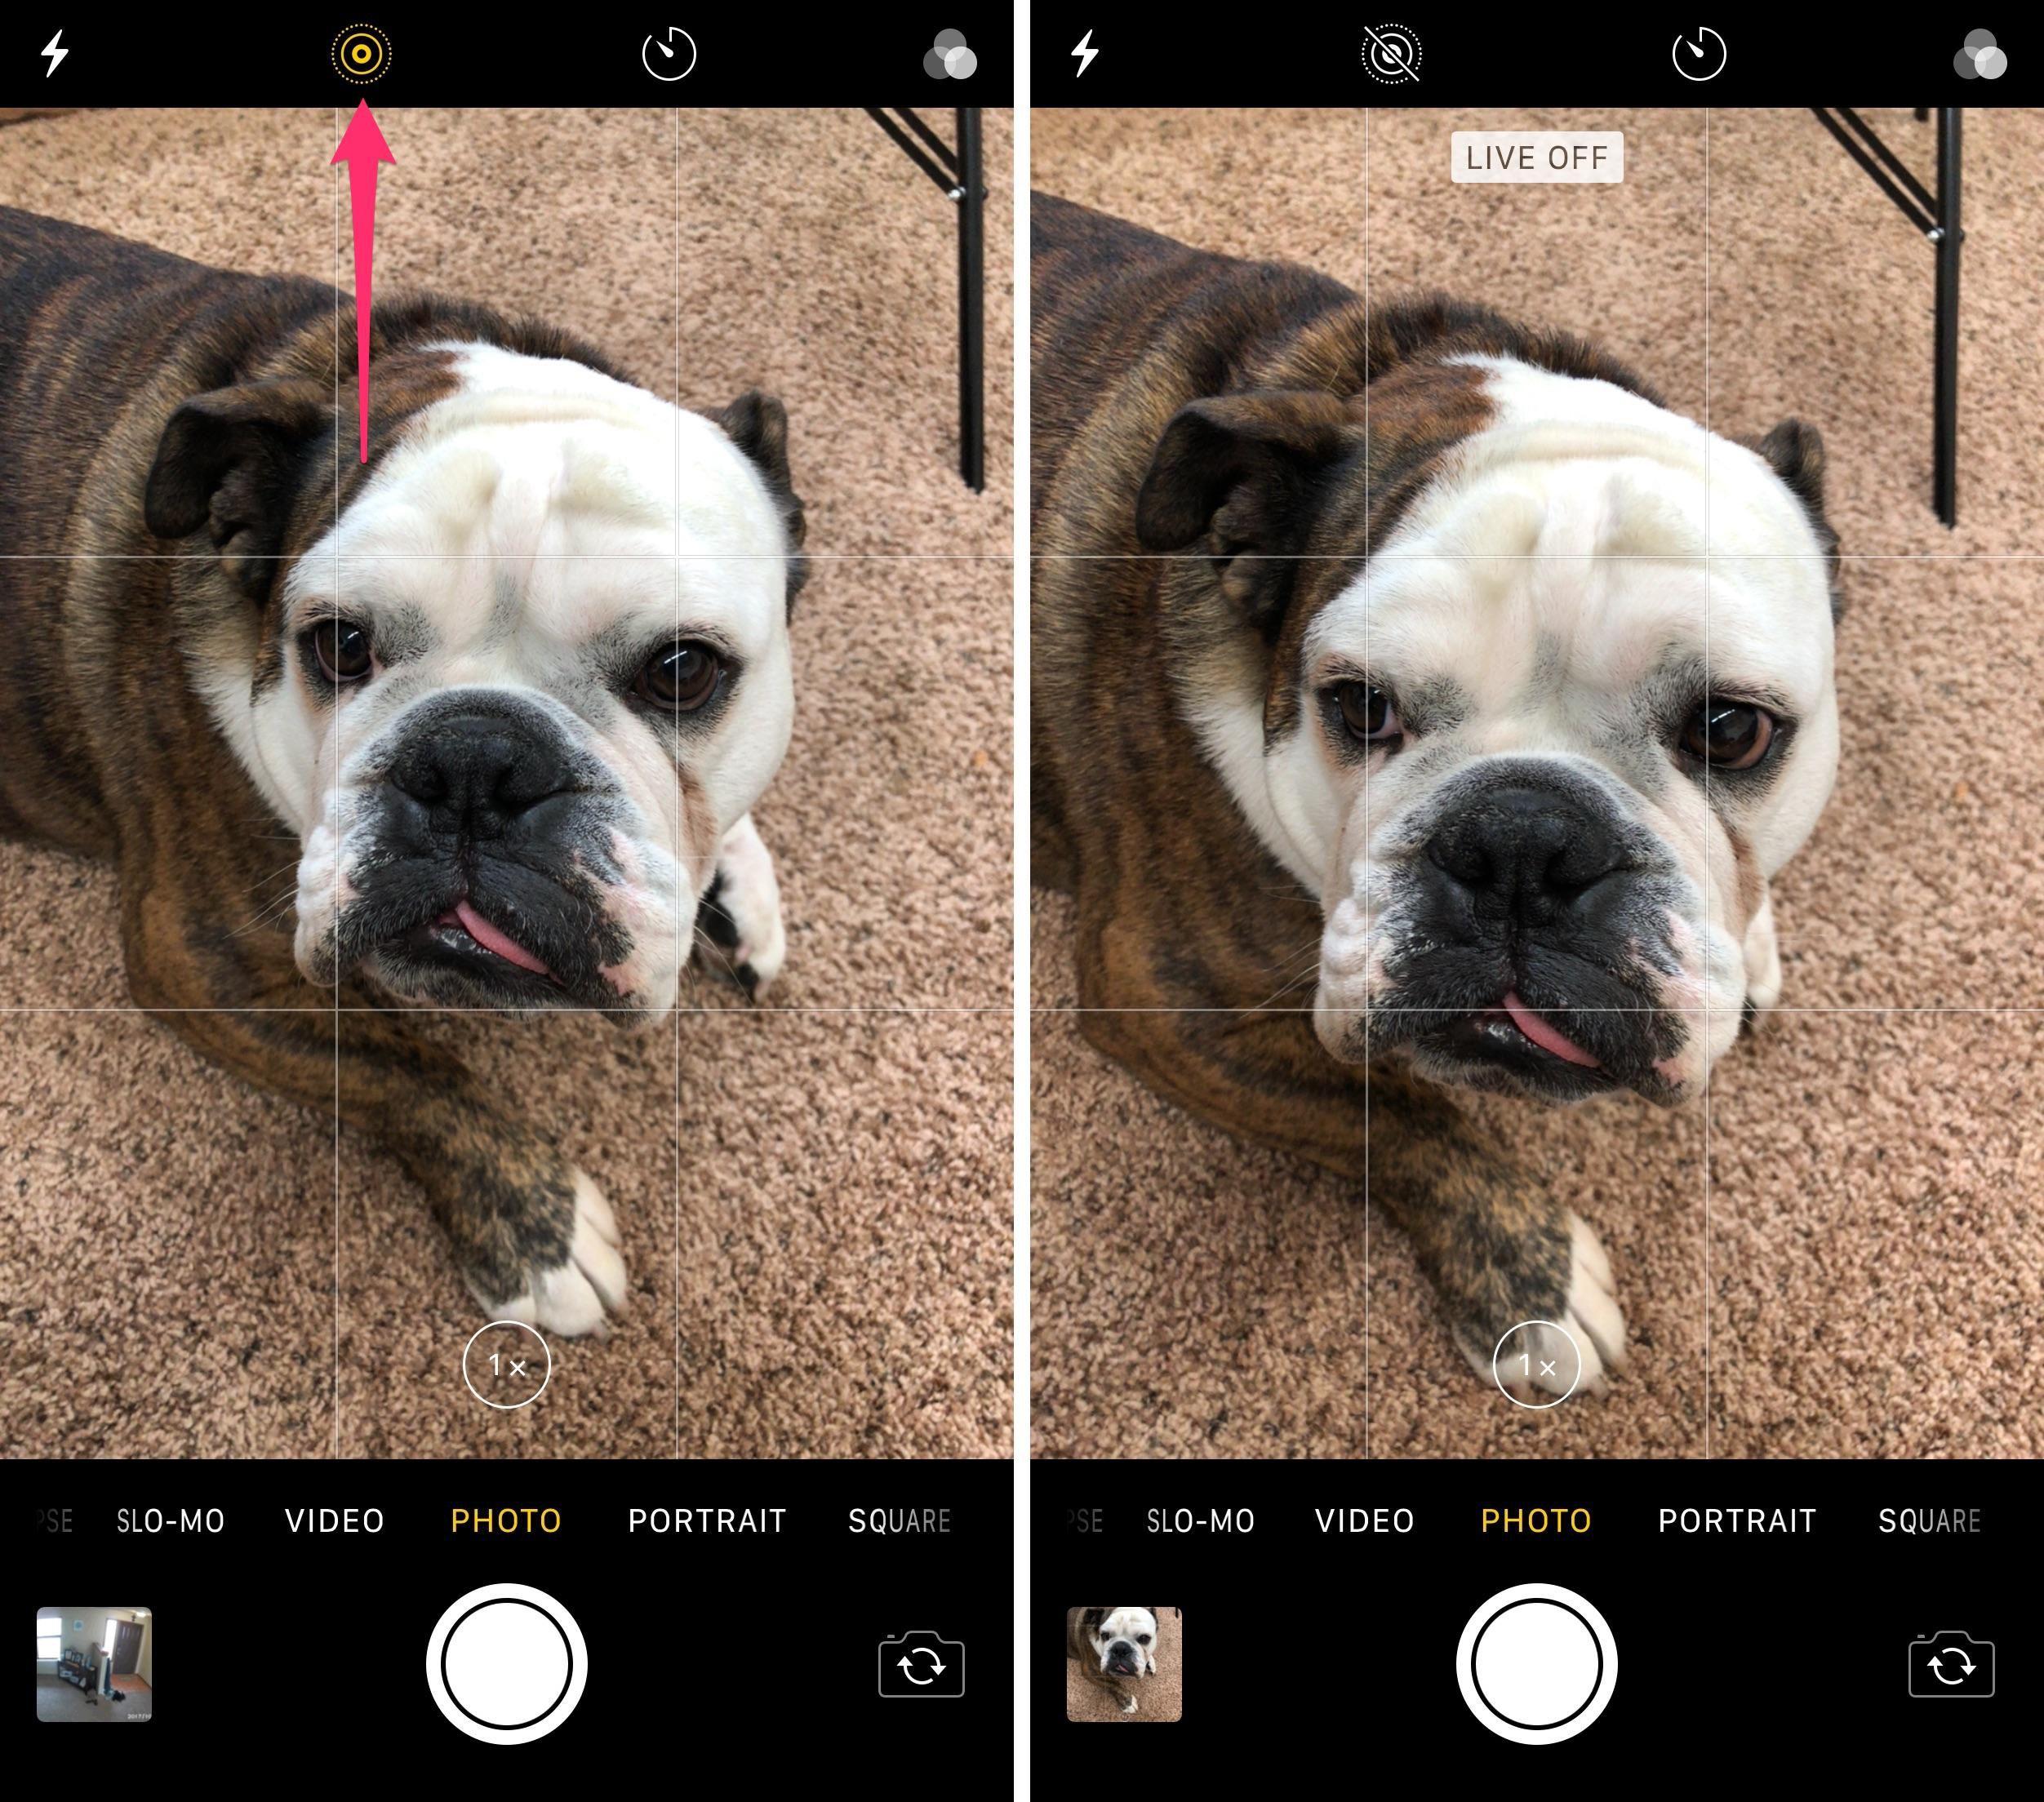 desactivar-las-fotos-en-vivo-en-la-cámara-aplicación-ios-11